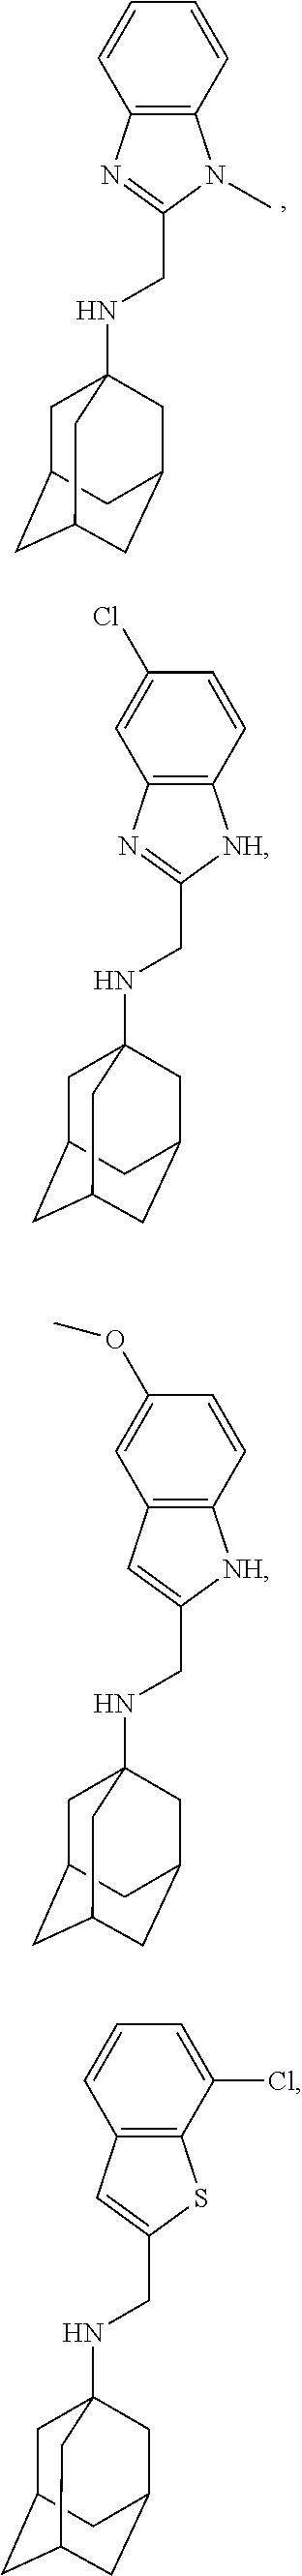 Figure US09884832-20180206-C00068